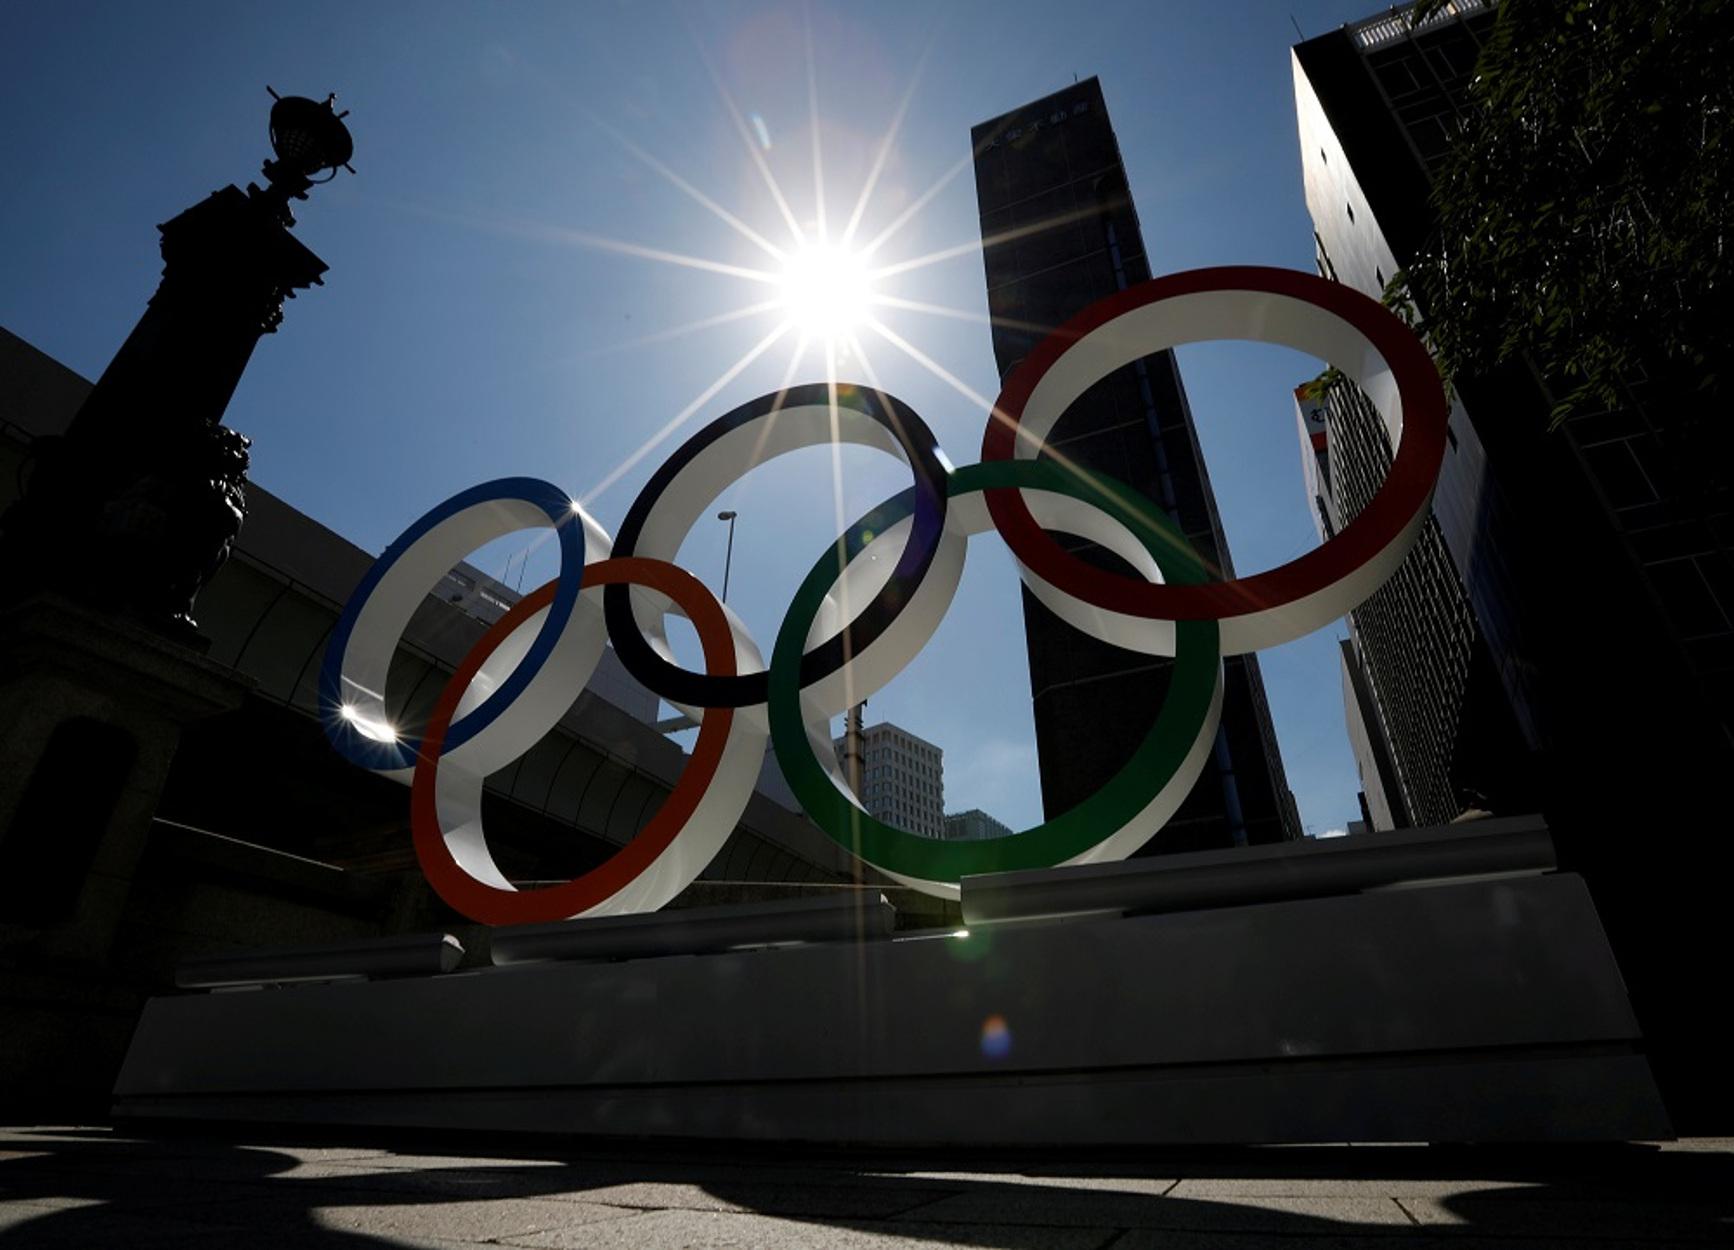 Τα γεγονότα που «διατάραξαν» τους Ολυμπιακούς Αγώνες – Παγκόσμιοι πόλεμοι, «σφαγή του Μονάχου» και μποϊκοτάζ